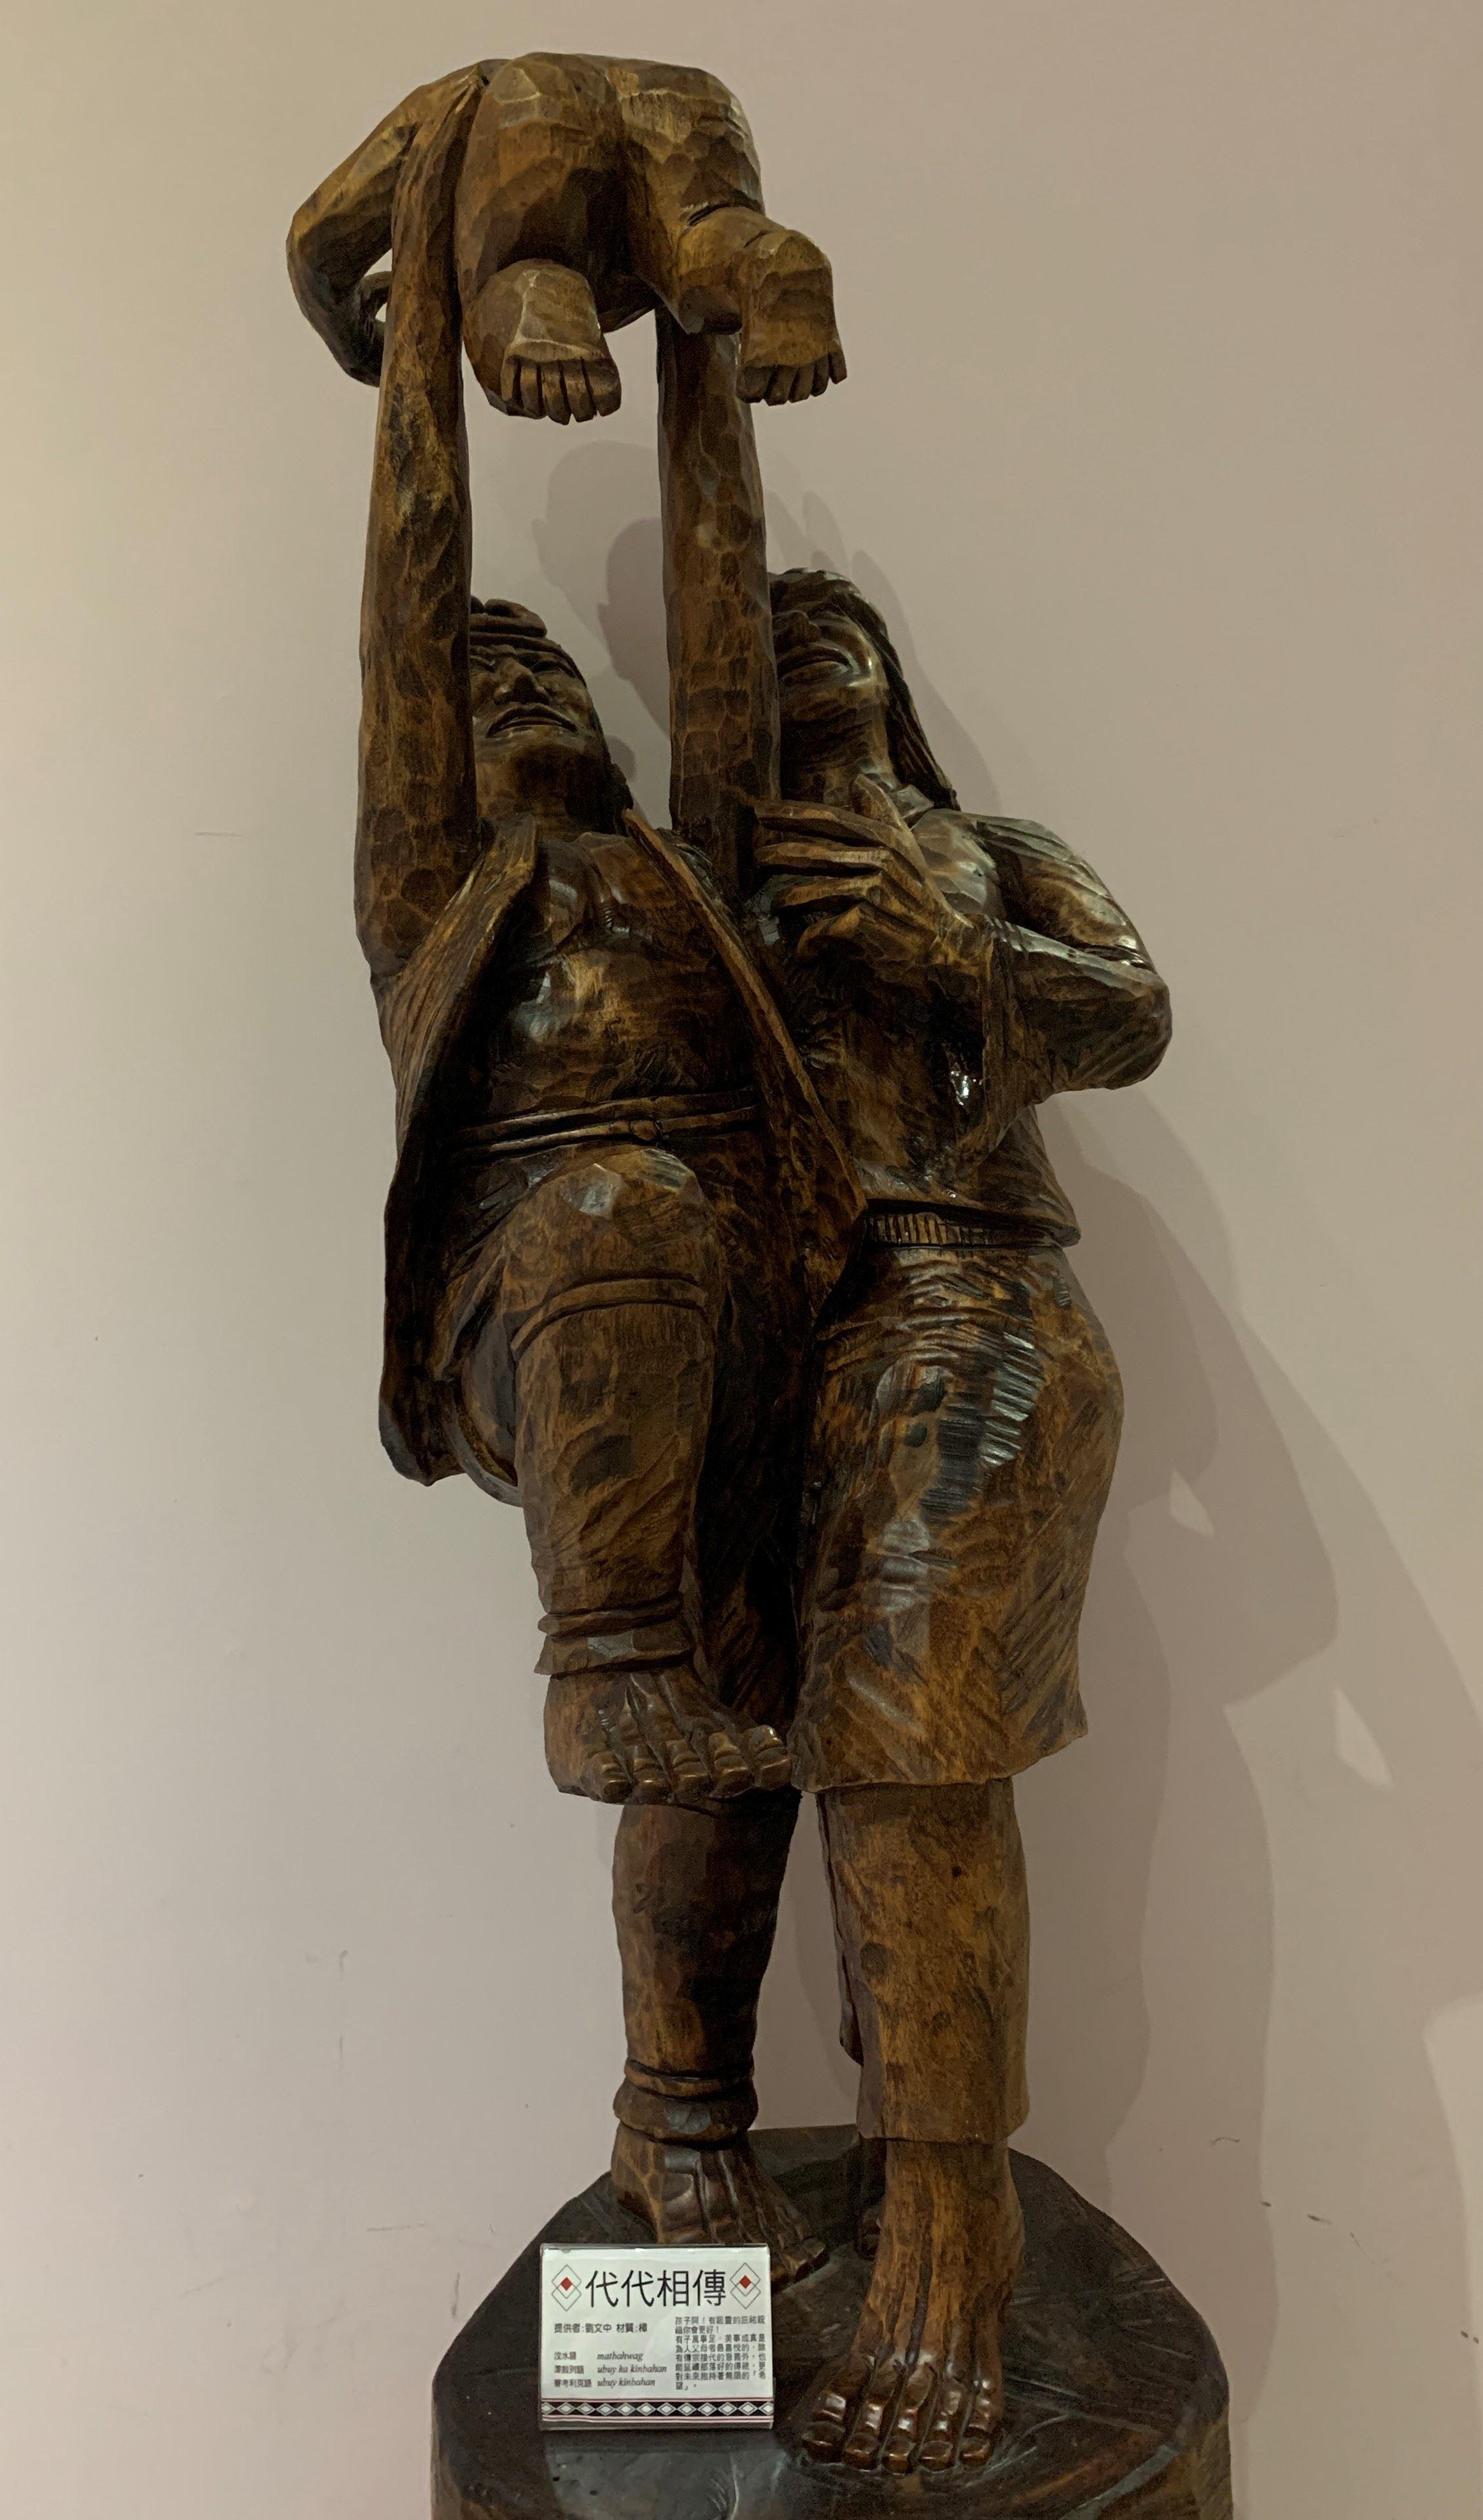 原木雕藝-泰雅文物館典藏木雕特展開幕